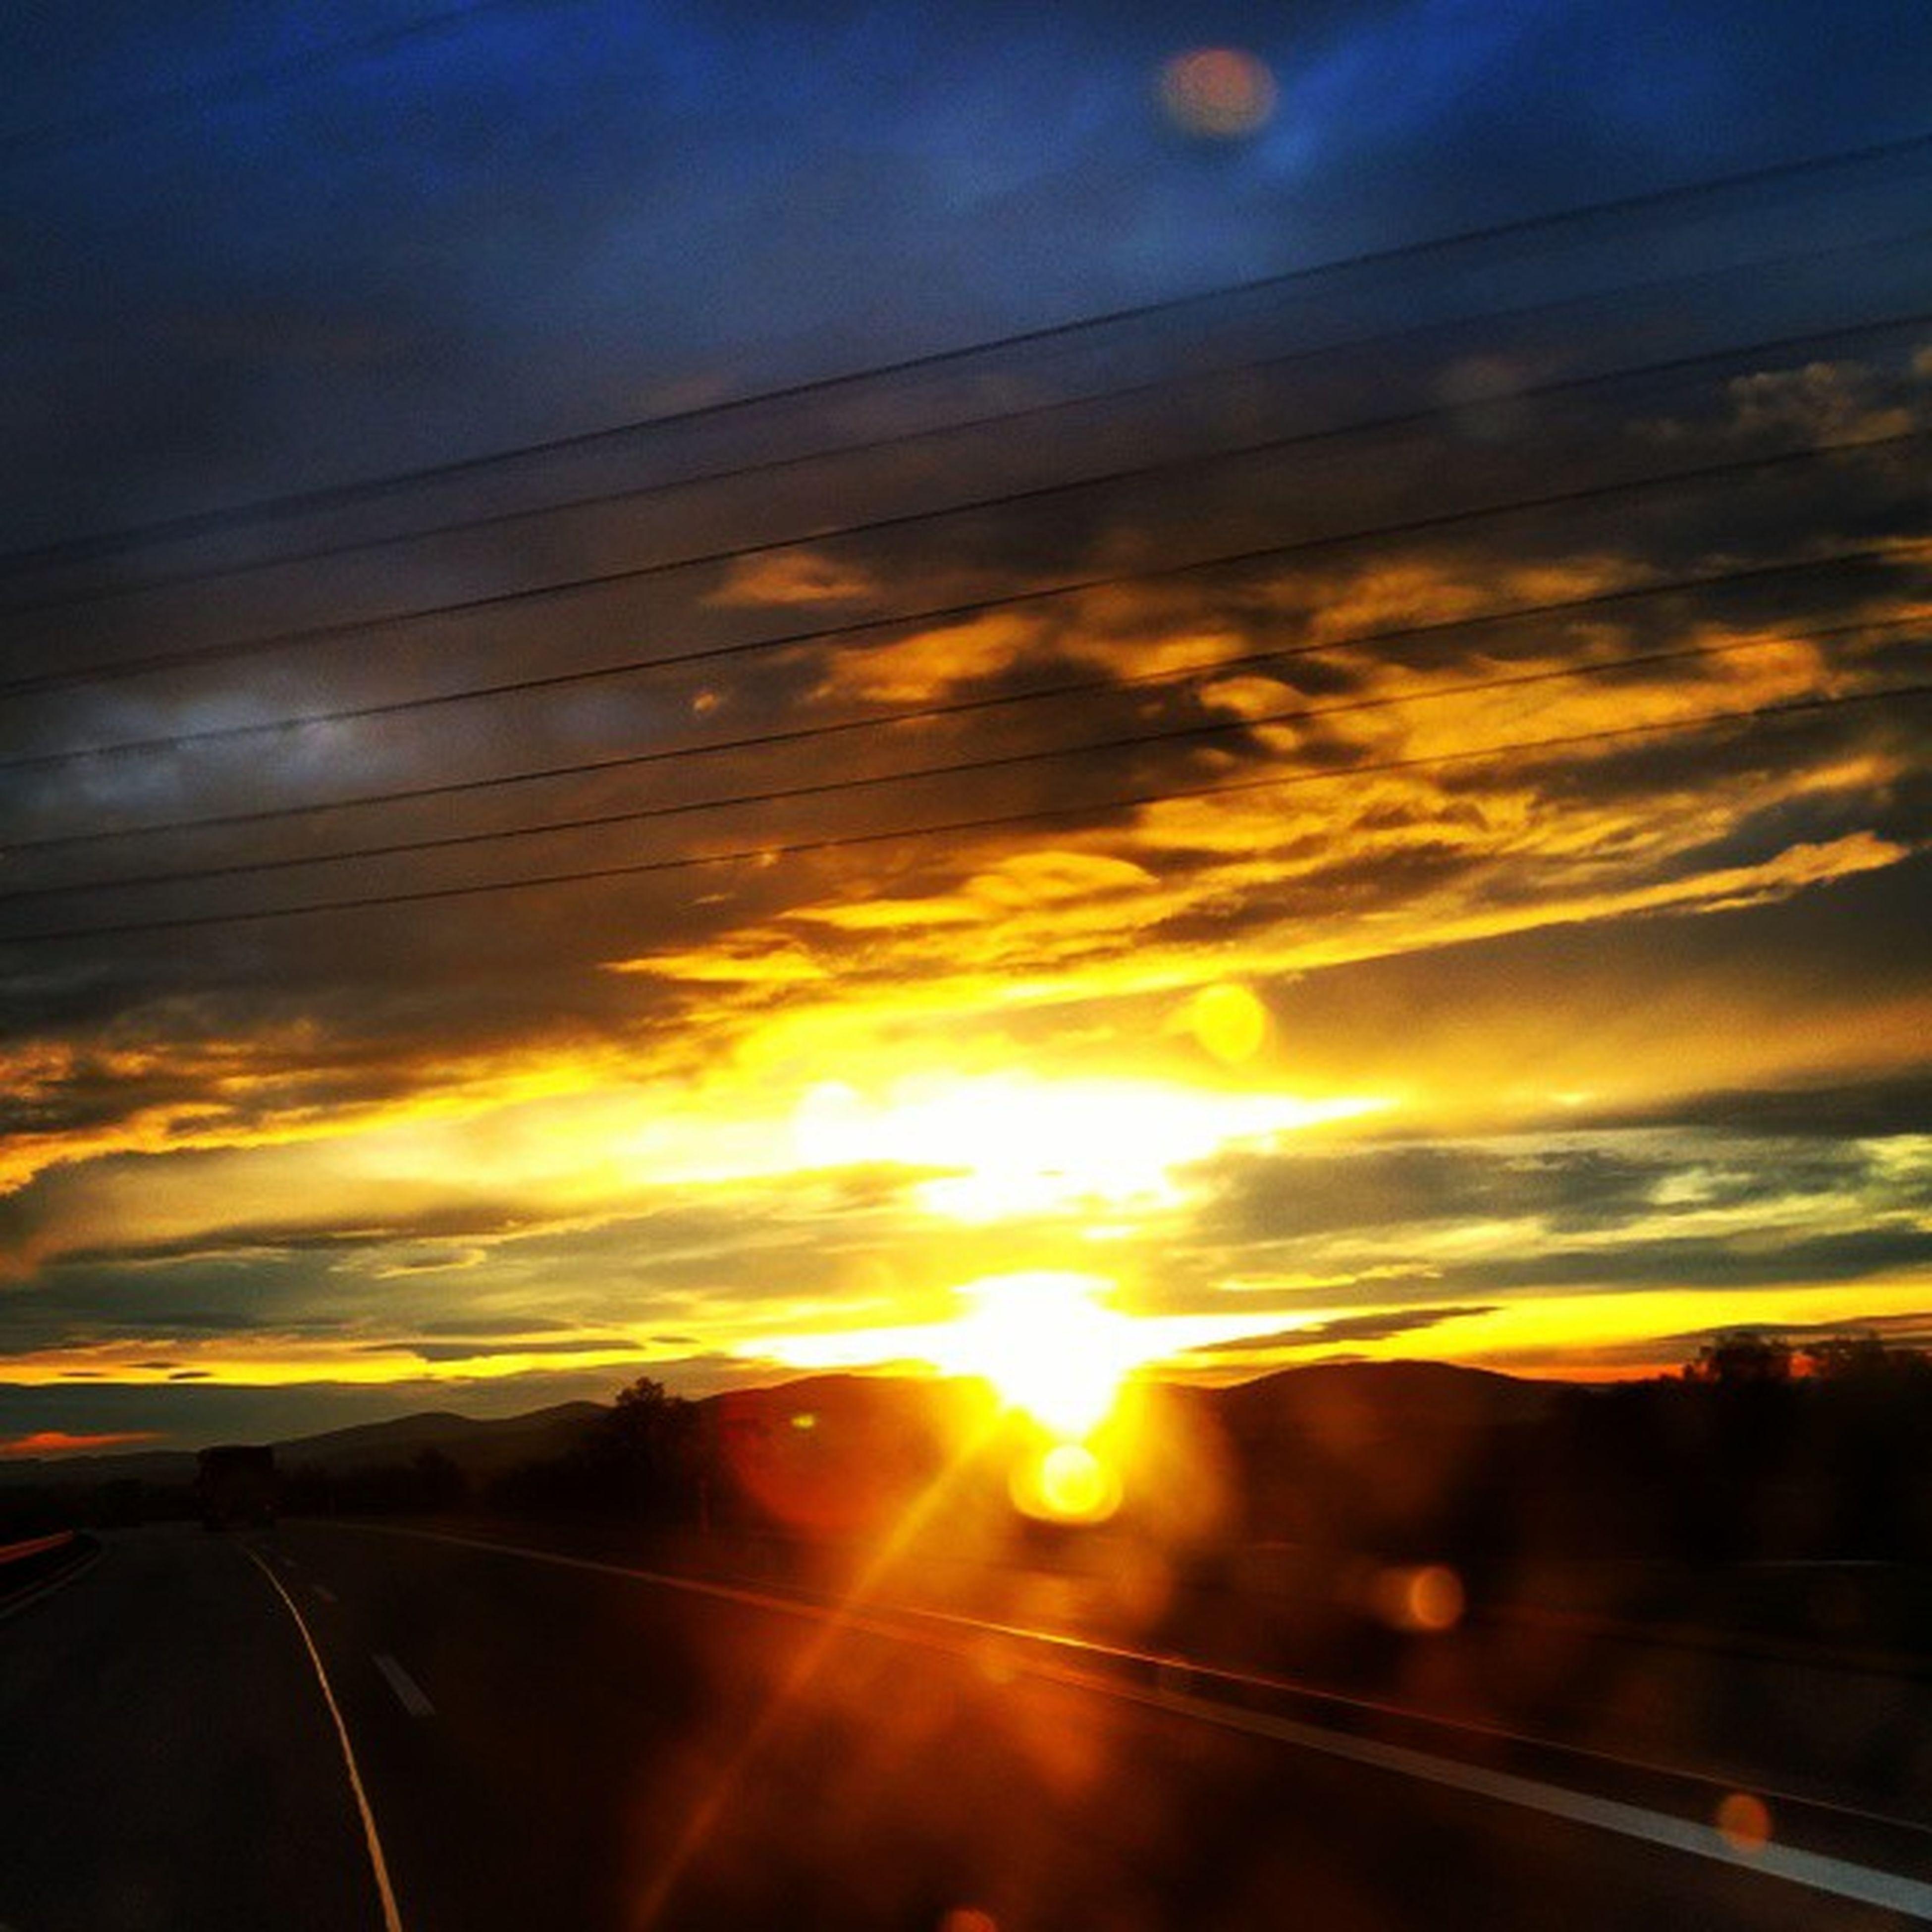 sunset, transportation, sky, cloud - sky, sun, road, scenics, beauty in nature, sunlight, orange color, nature, cloud, tranquility, tranquil scene, mode of transport, car, landscape, sunbeam, no people, outdoors